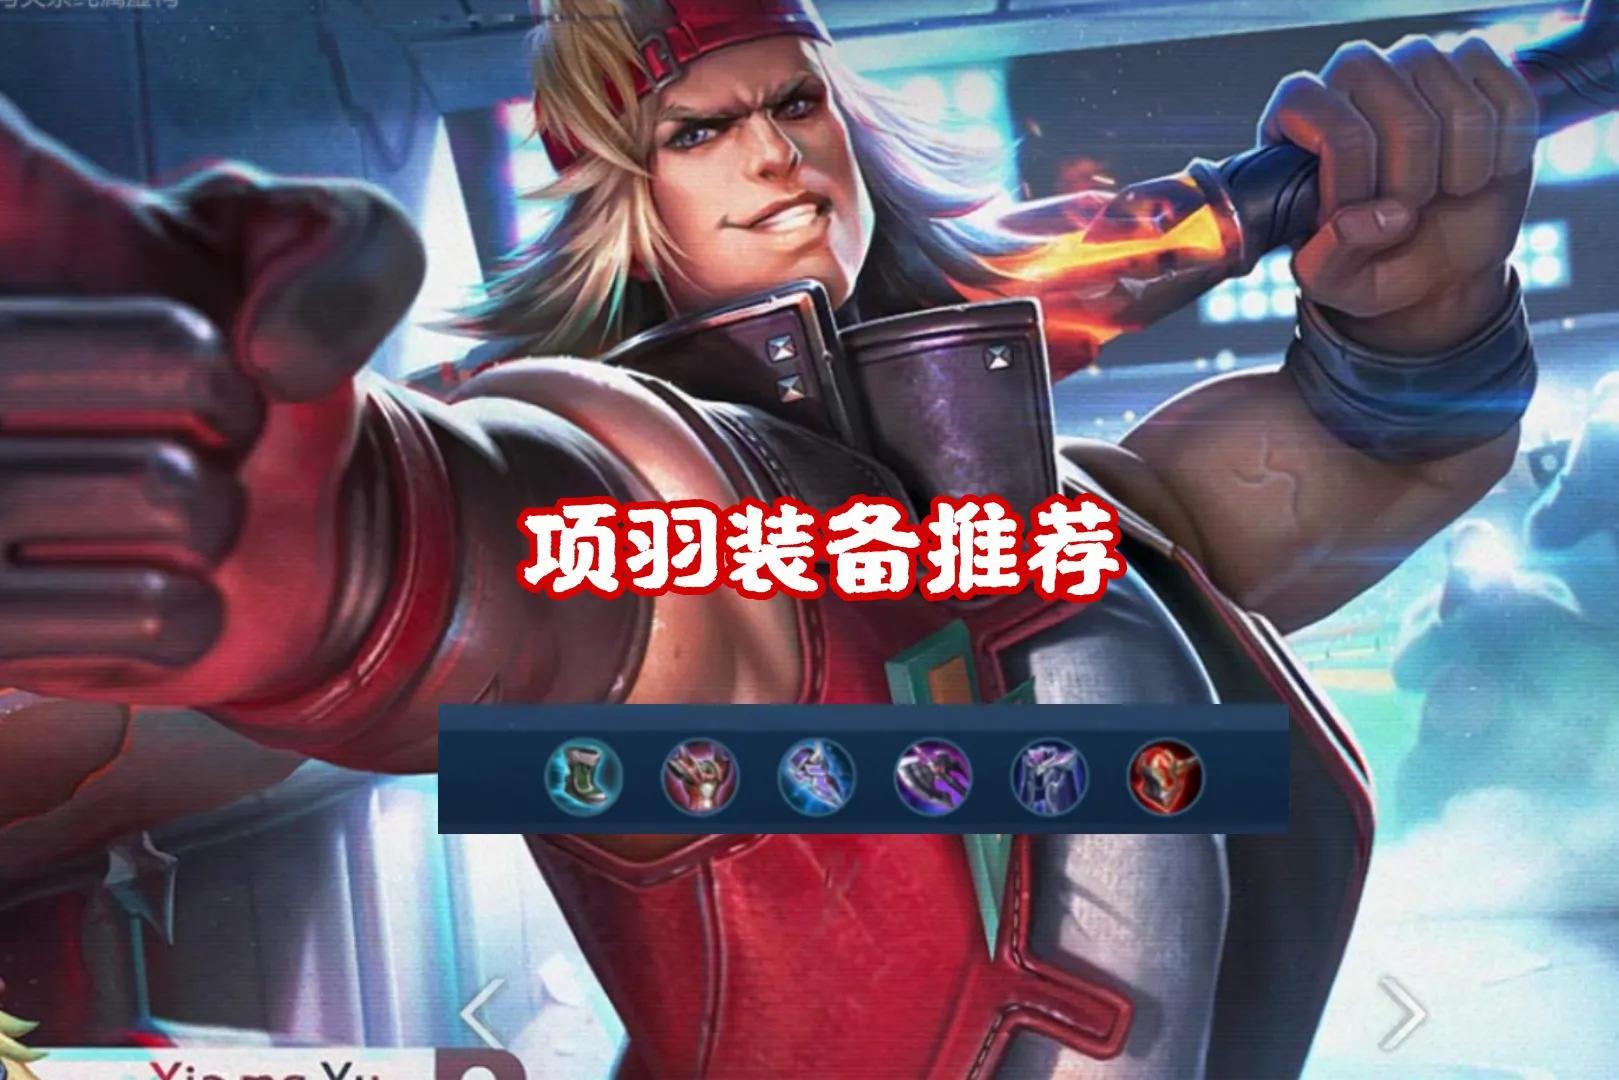 《【煜星平台登录入口】还是玩辅助项羽,对抗路项羽才是西楚霸王,边路项羽最强攻略来袭》